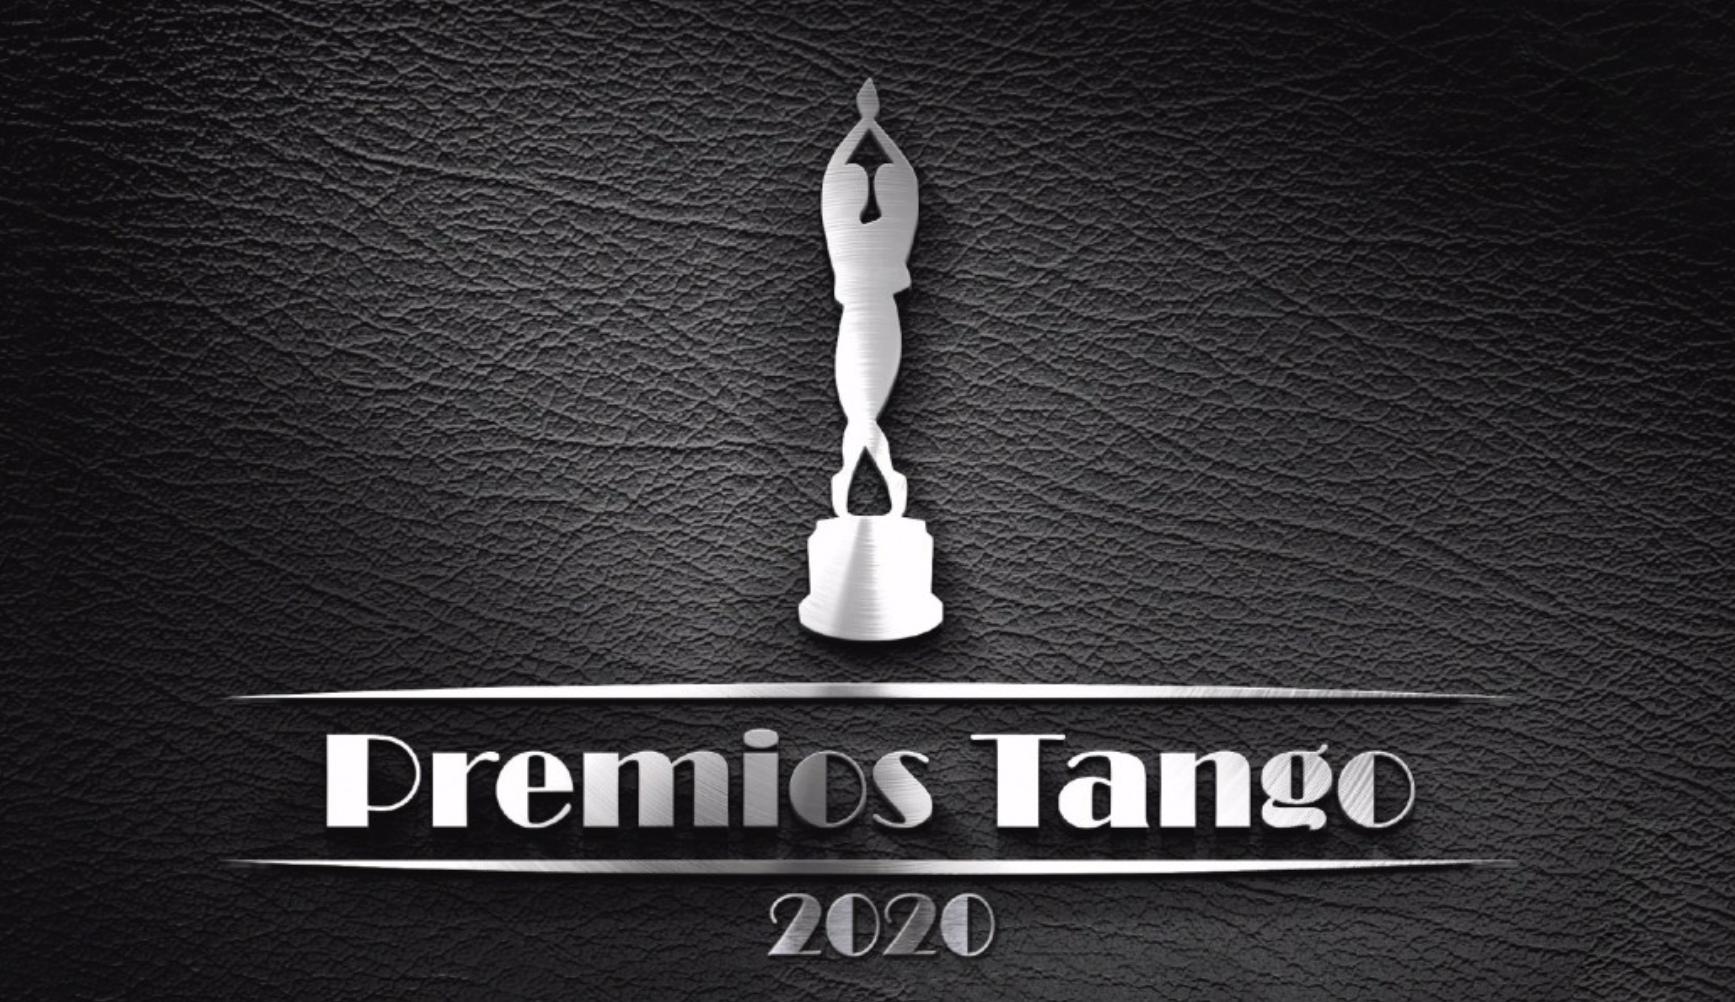 Colombianos nominados en los Premios Tango 2020